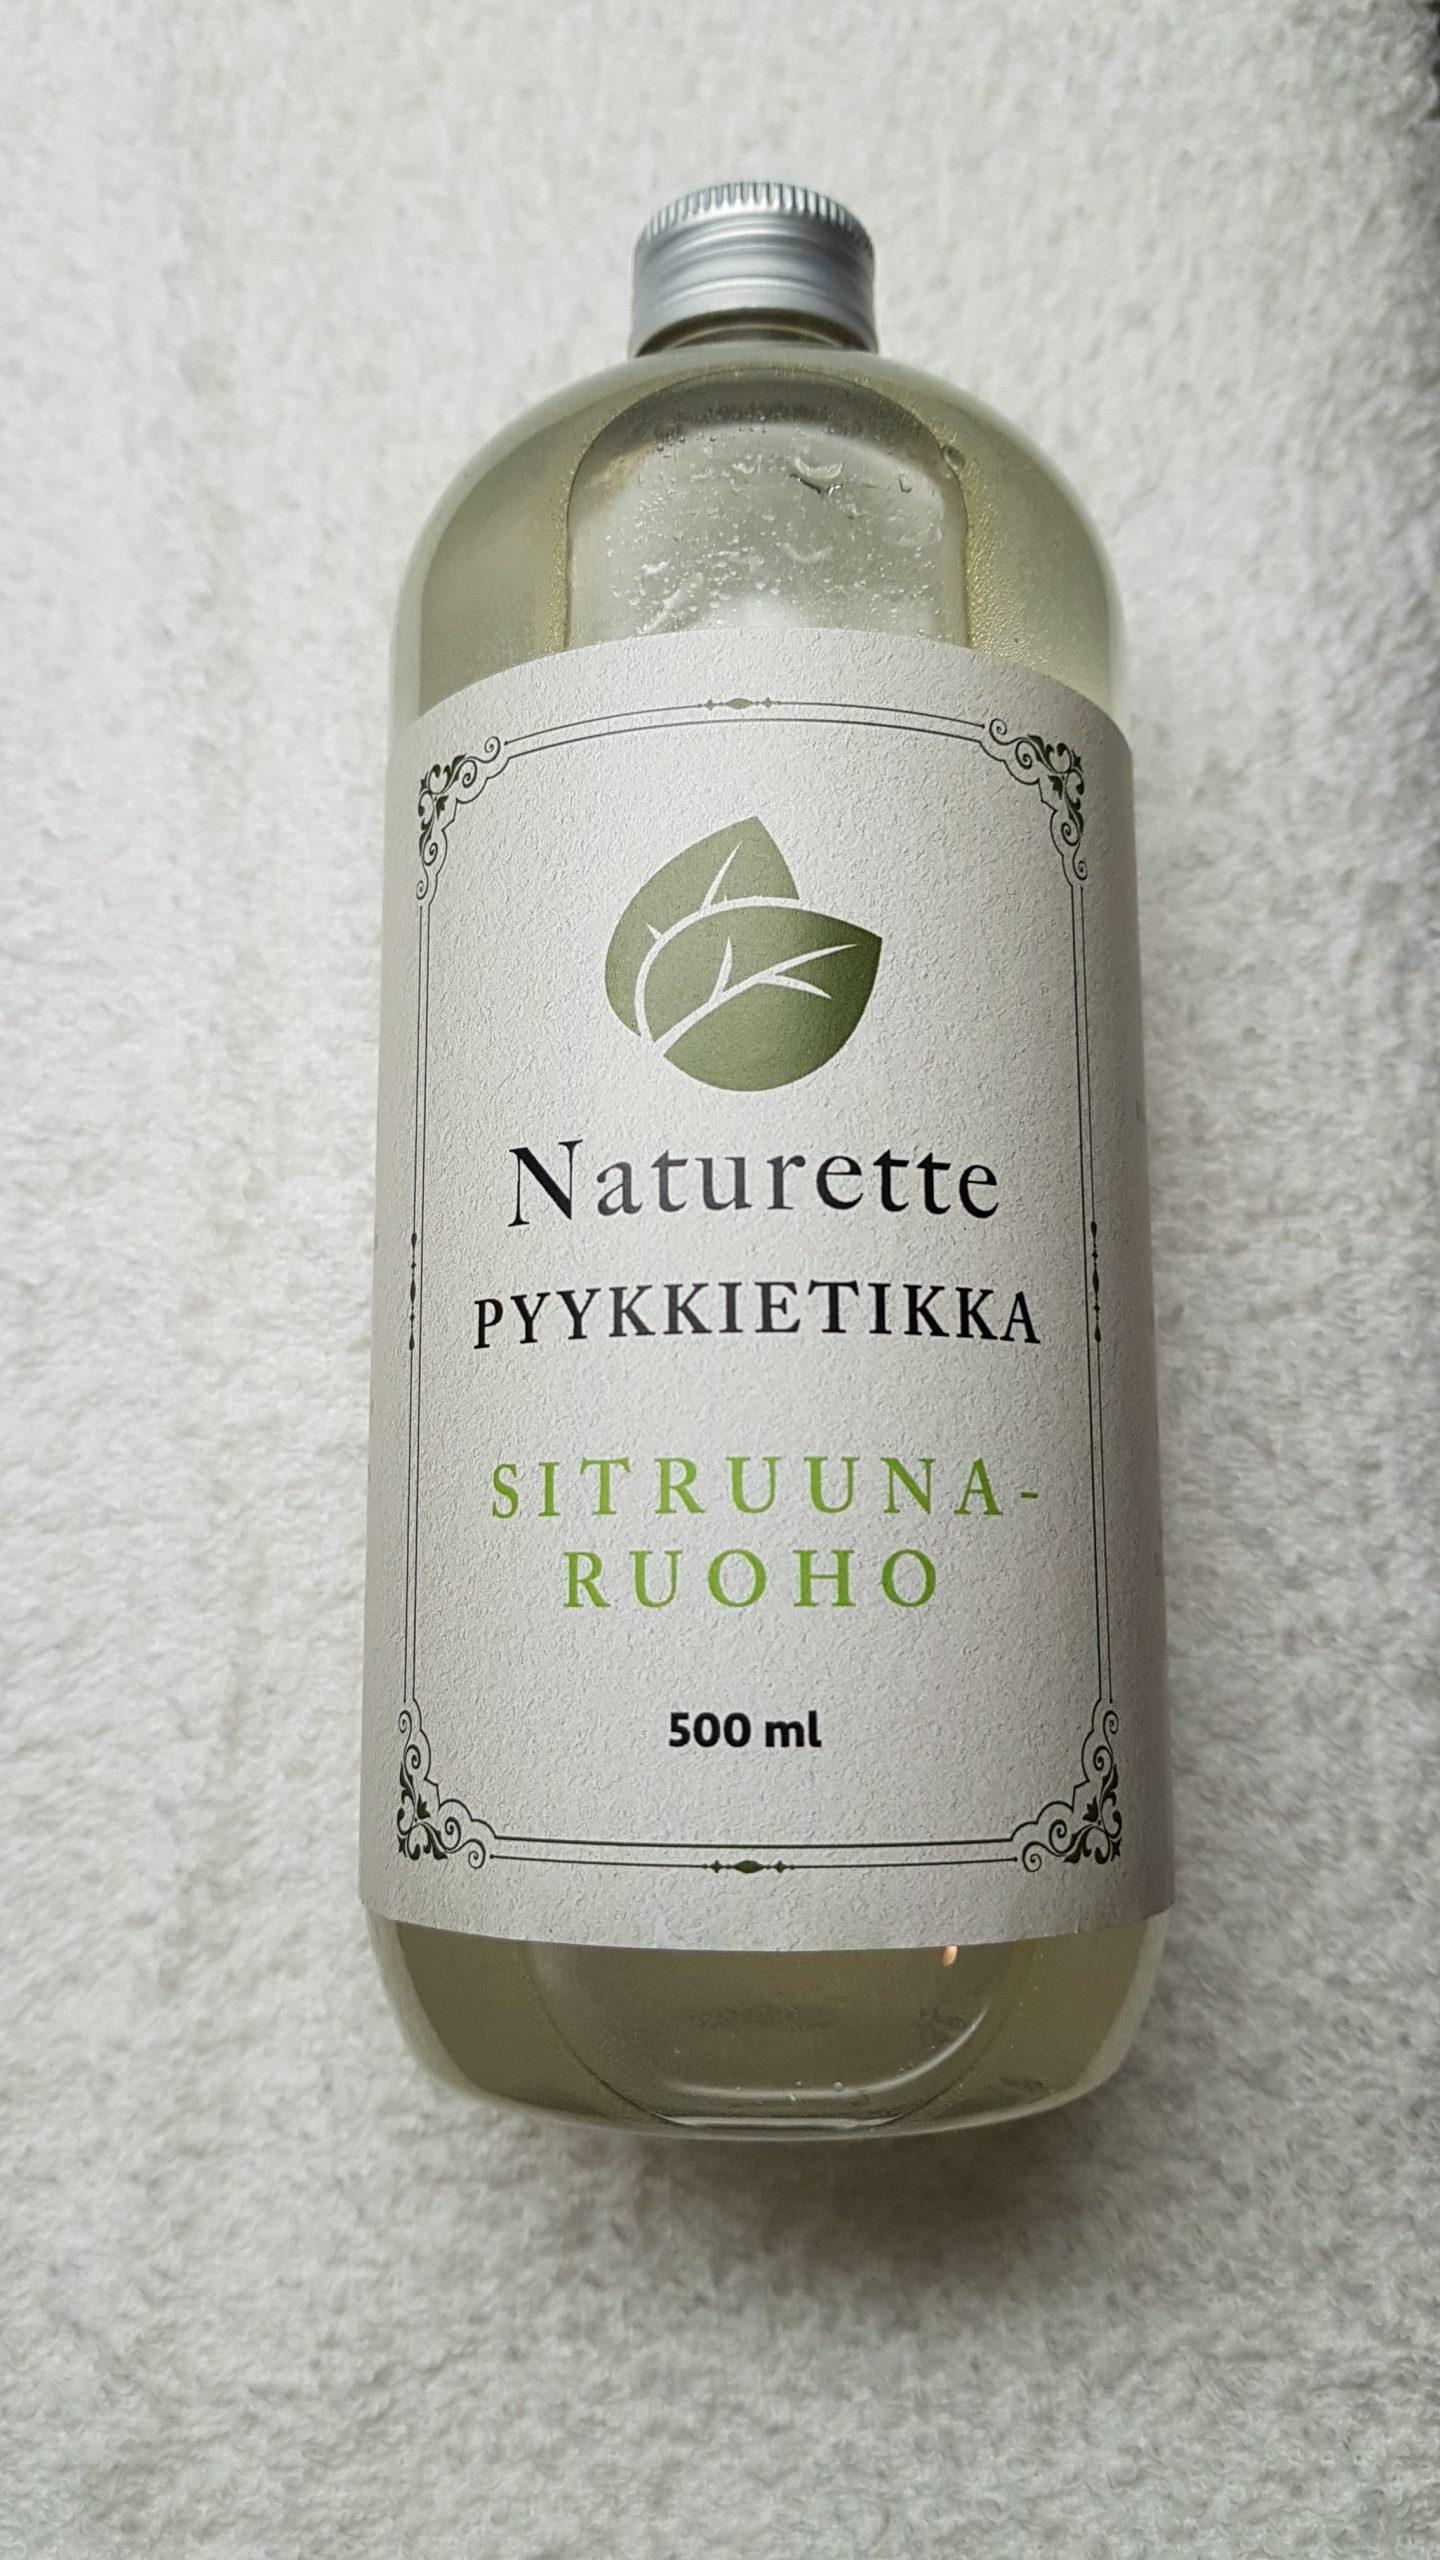 NATURETTE pyykkietikka Sitruunaruoho, 500ml – kotimainen, luomu, ekologinen